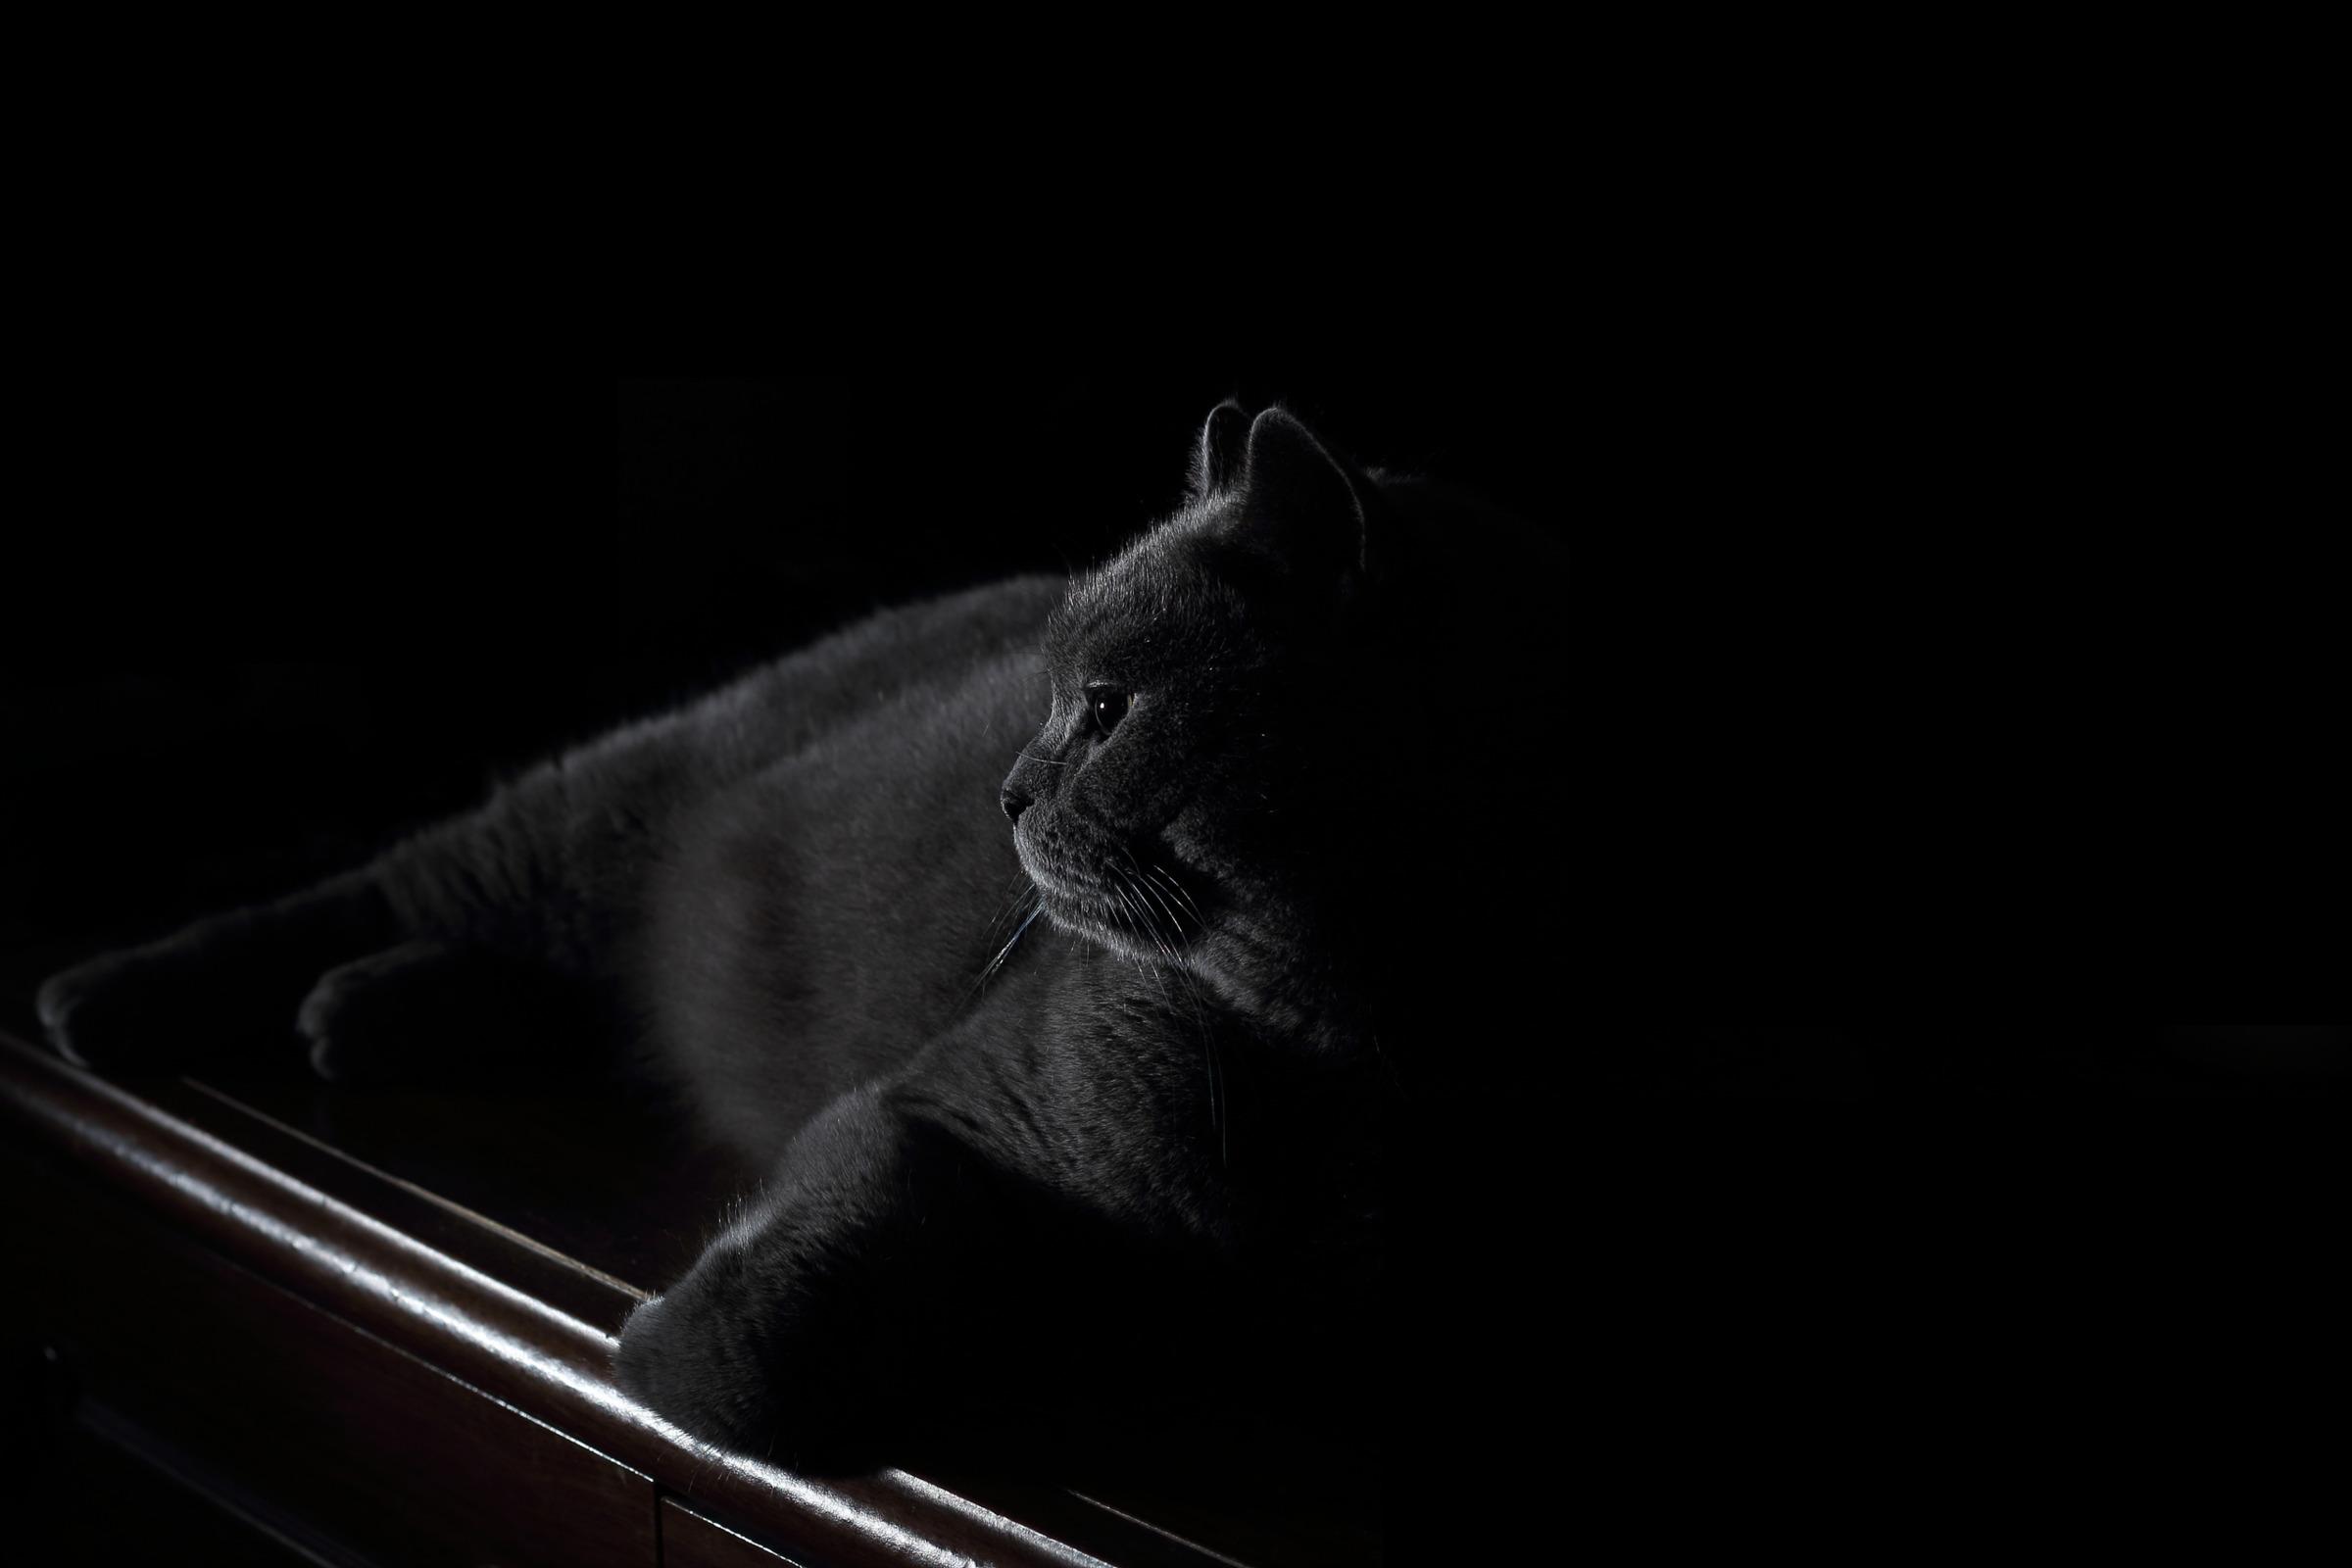 Как снимать темные объекты на темном фоне Как сделать фото с черным фоном